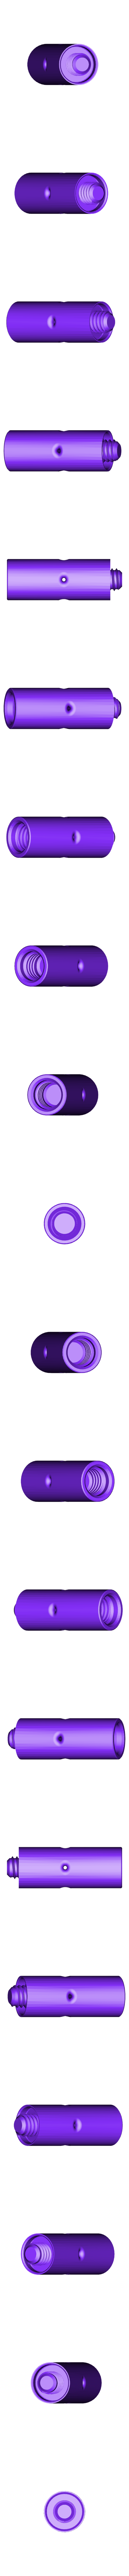 70mm_SmallRod.STL Télécharger fichier STL gratuit Le porte-bobine universel - Page principale • Design pour imprimante 3D, Balkhagal4D